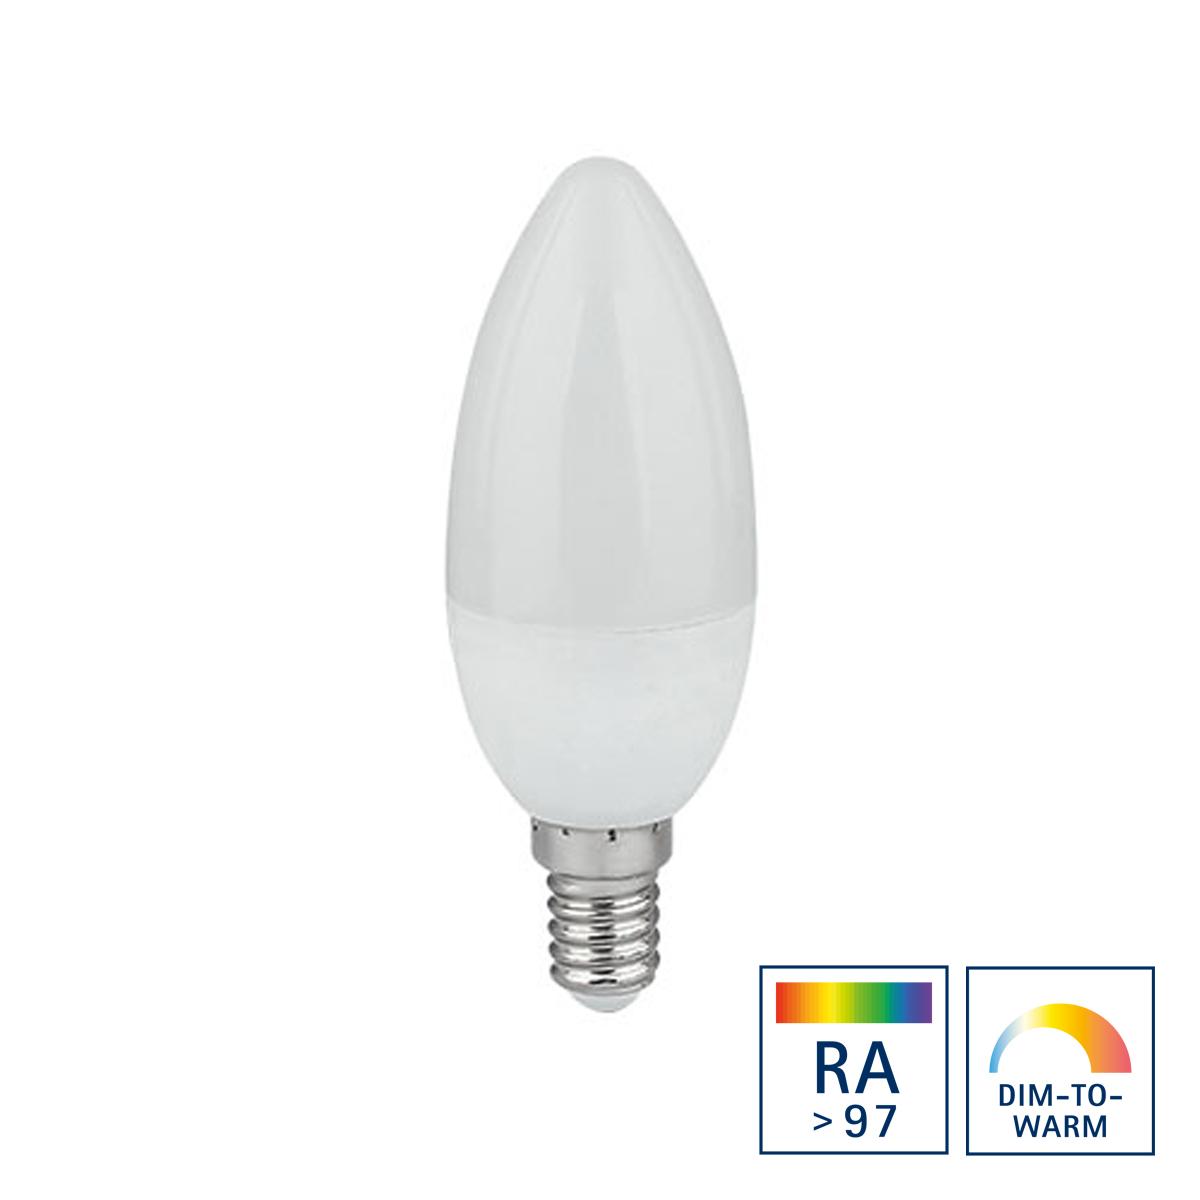 Sigor LED Kerze E14, 6,5 W, Ra>97, Dim-to-Warm, Auslaufmodell 5945333